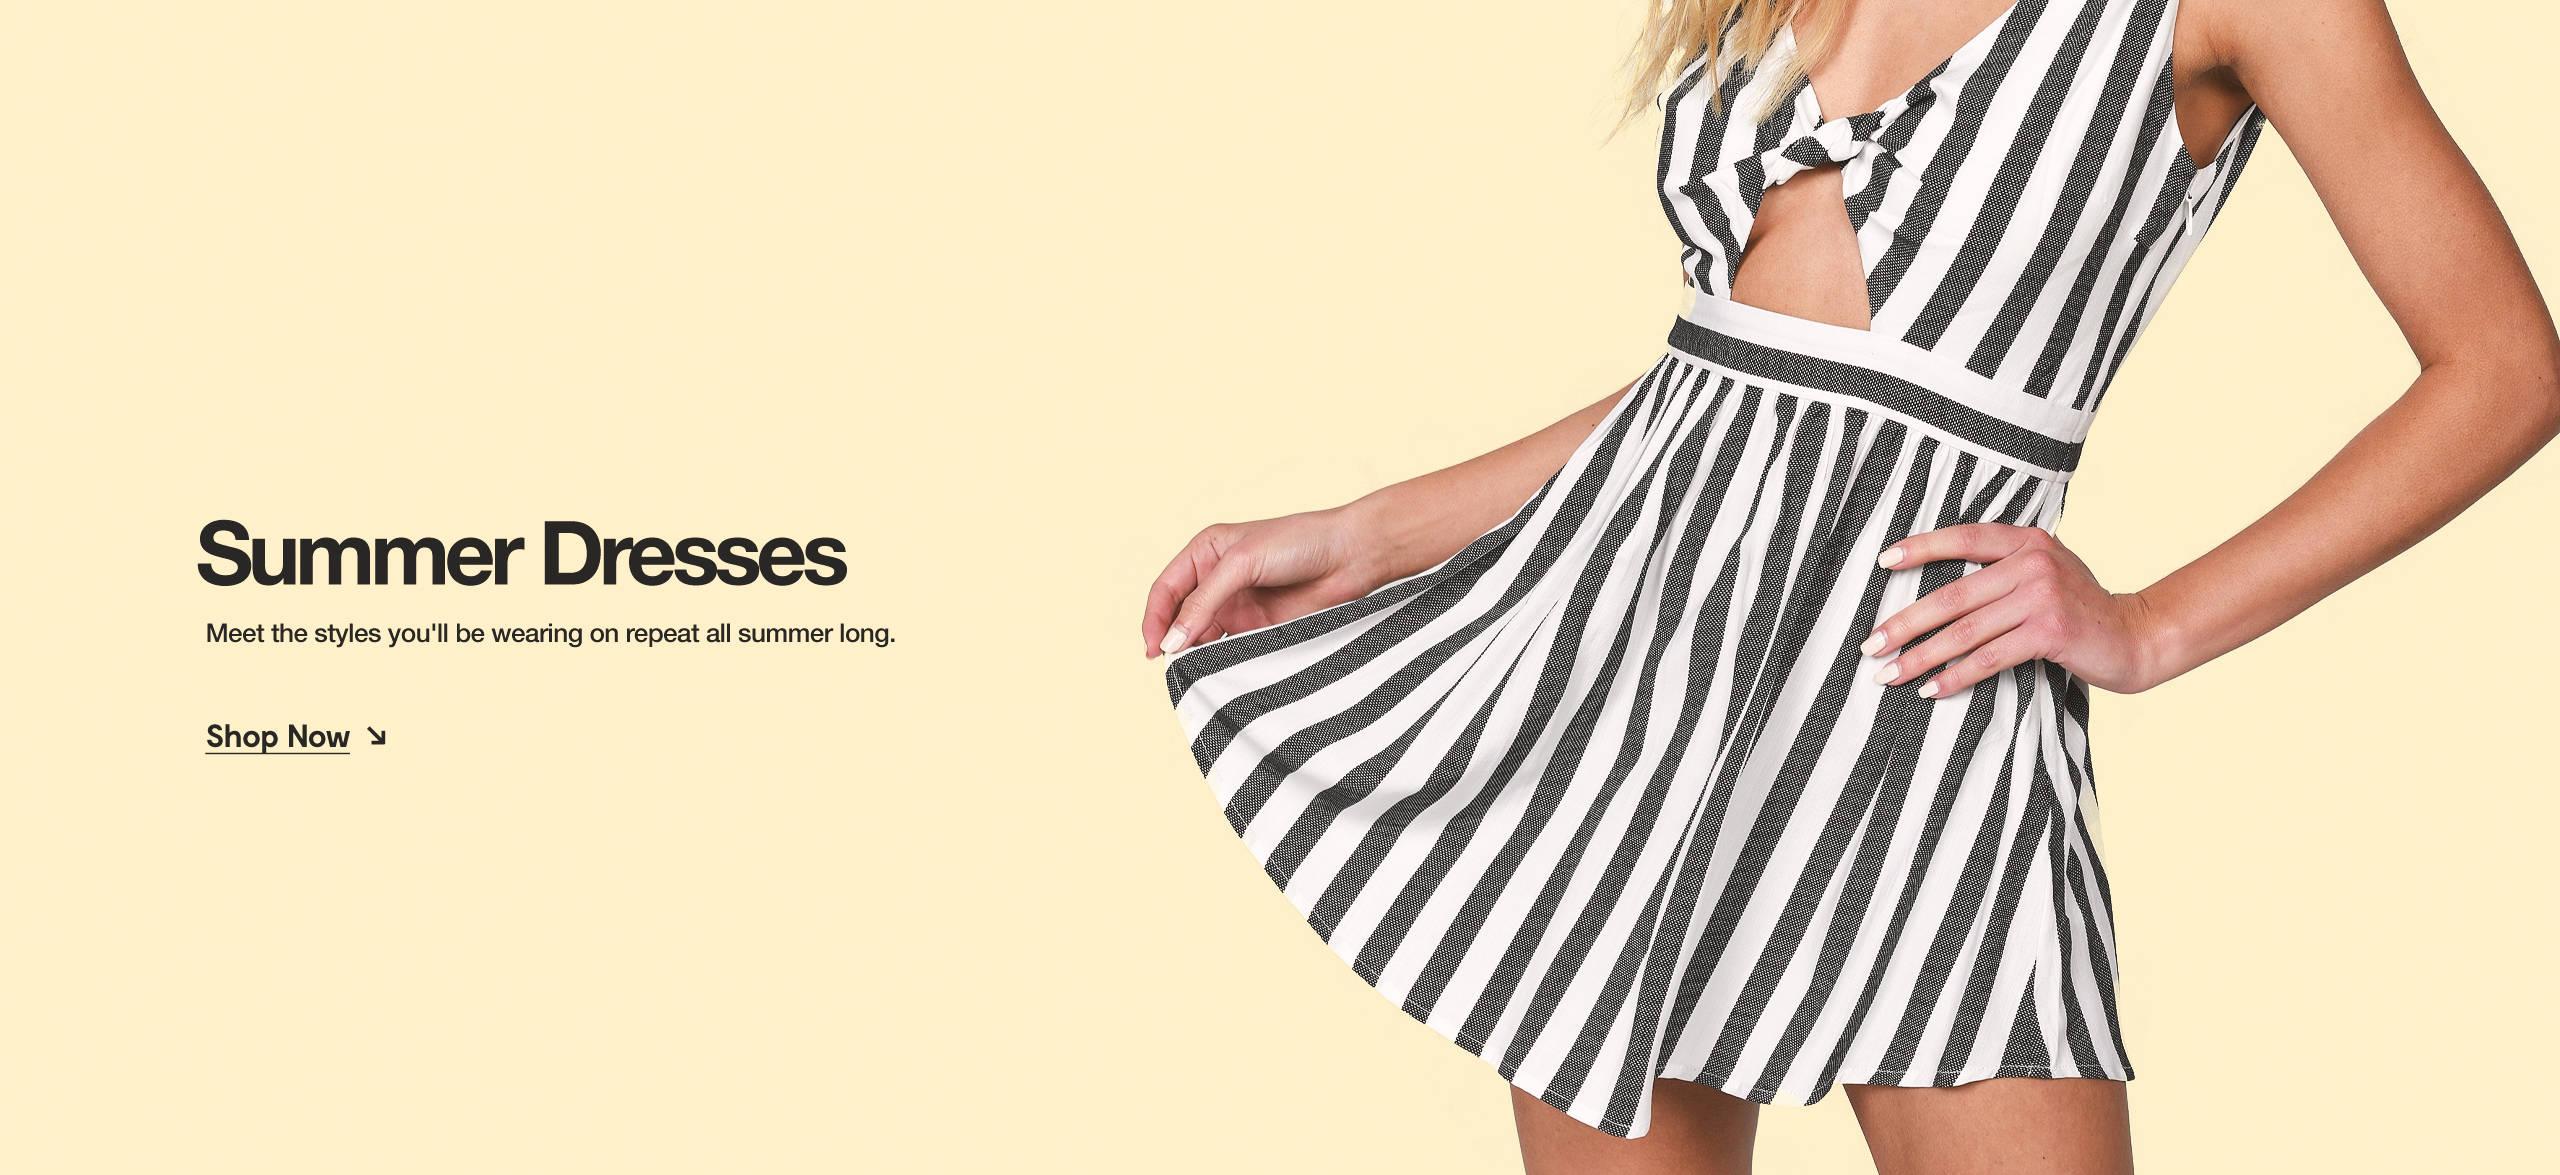 fa4d099b55c9 Tobi - Online Shopping Website for Women